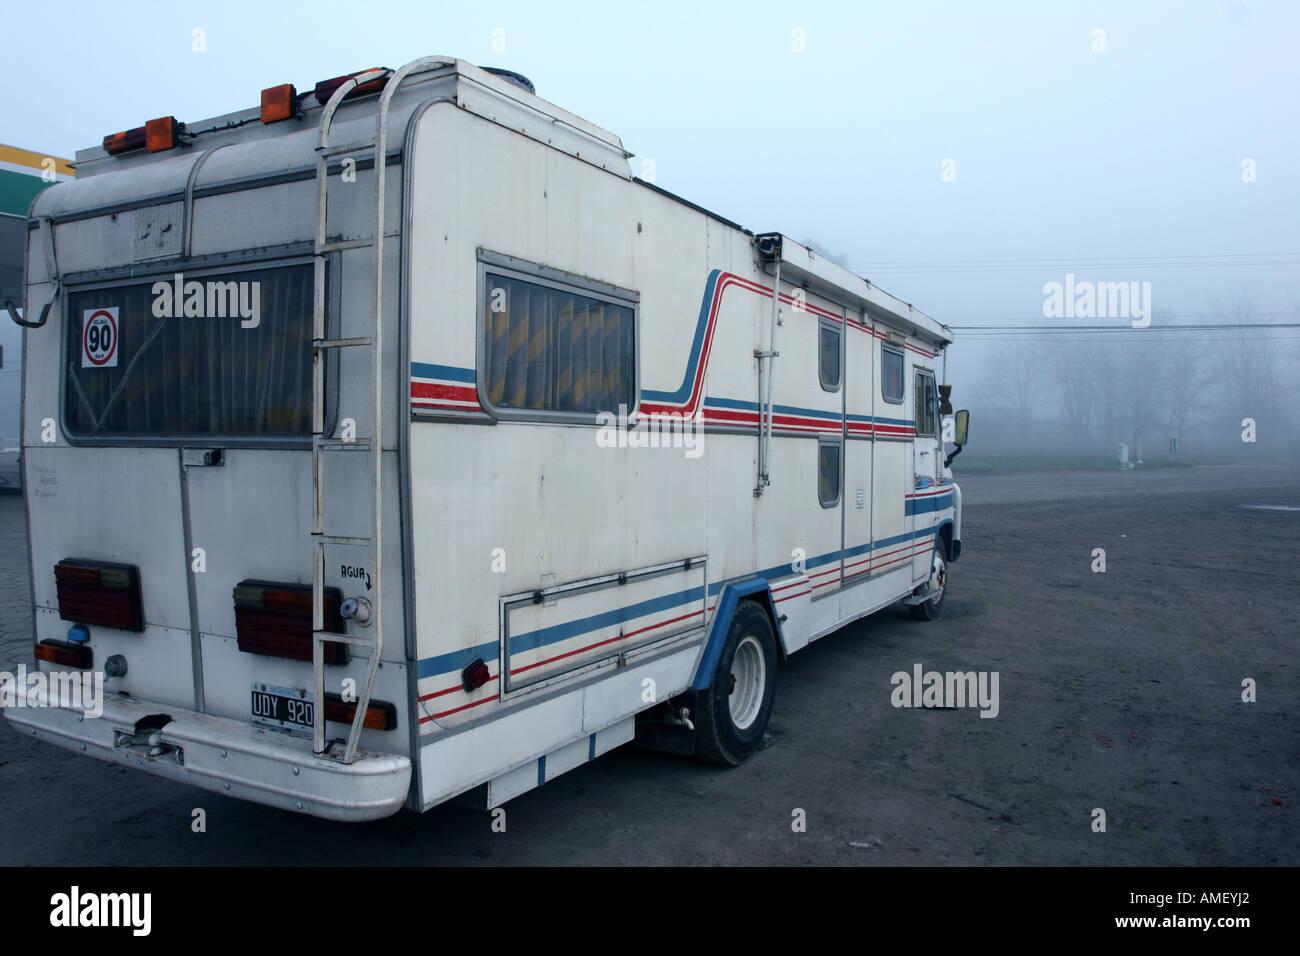 Une autocaravane est arrêté sur le côté de la route d'attendre que le brouillard se dissipe Photo Stock